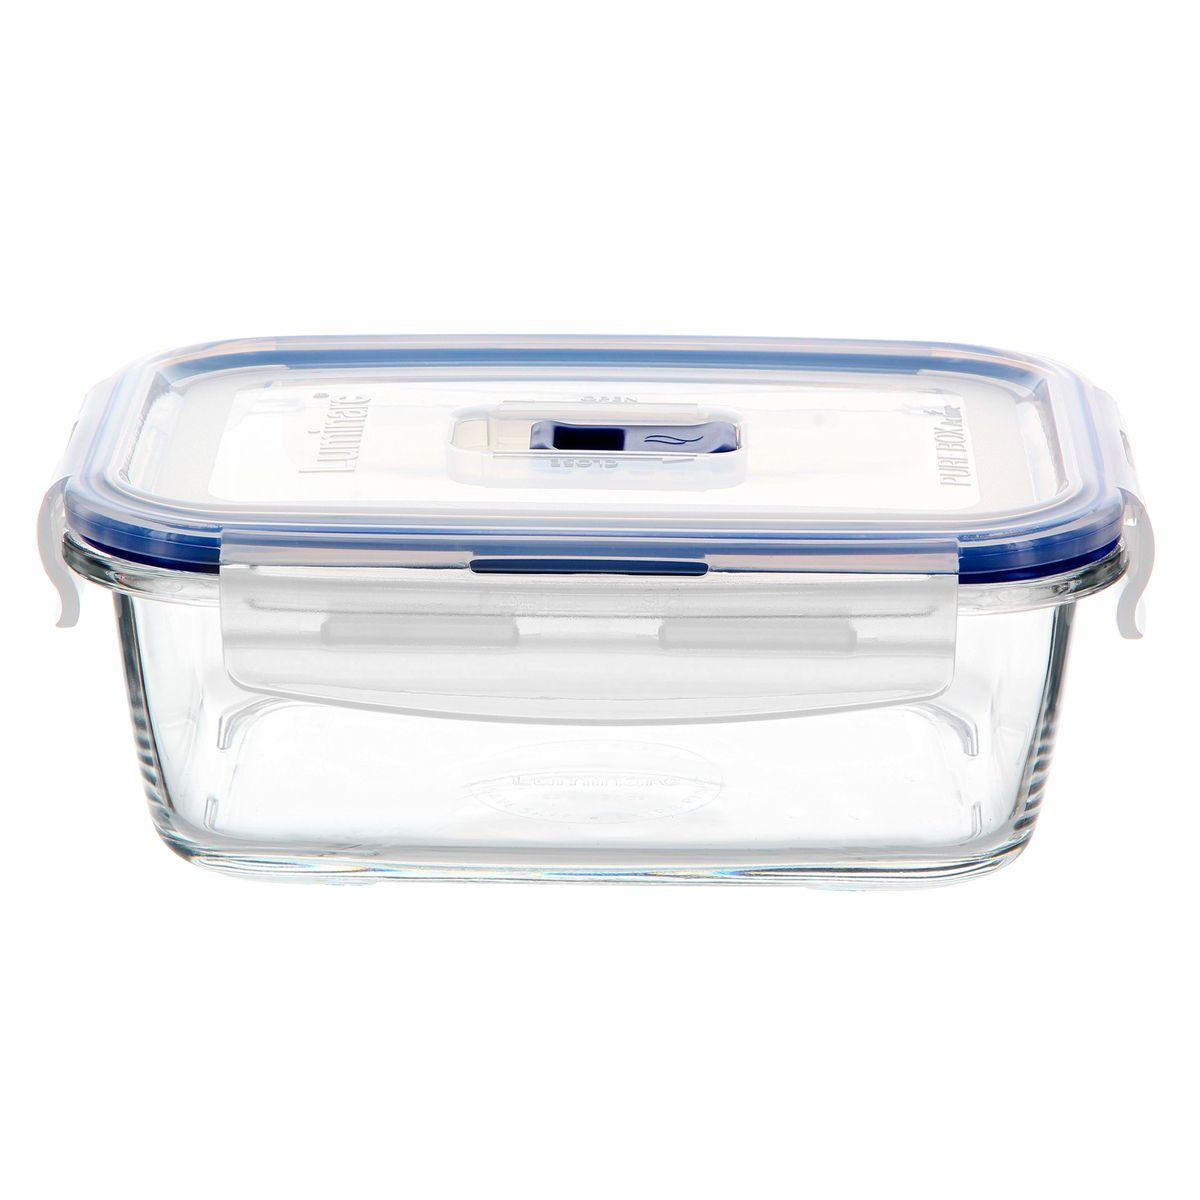 Boite hermétique Pure Box rectangulaire en verre 82 cl 6.7 x 13.5 x 18.2 cm - Luminarc